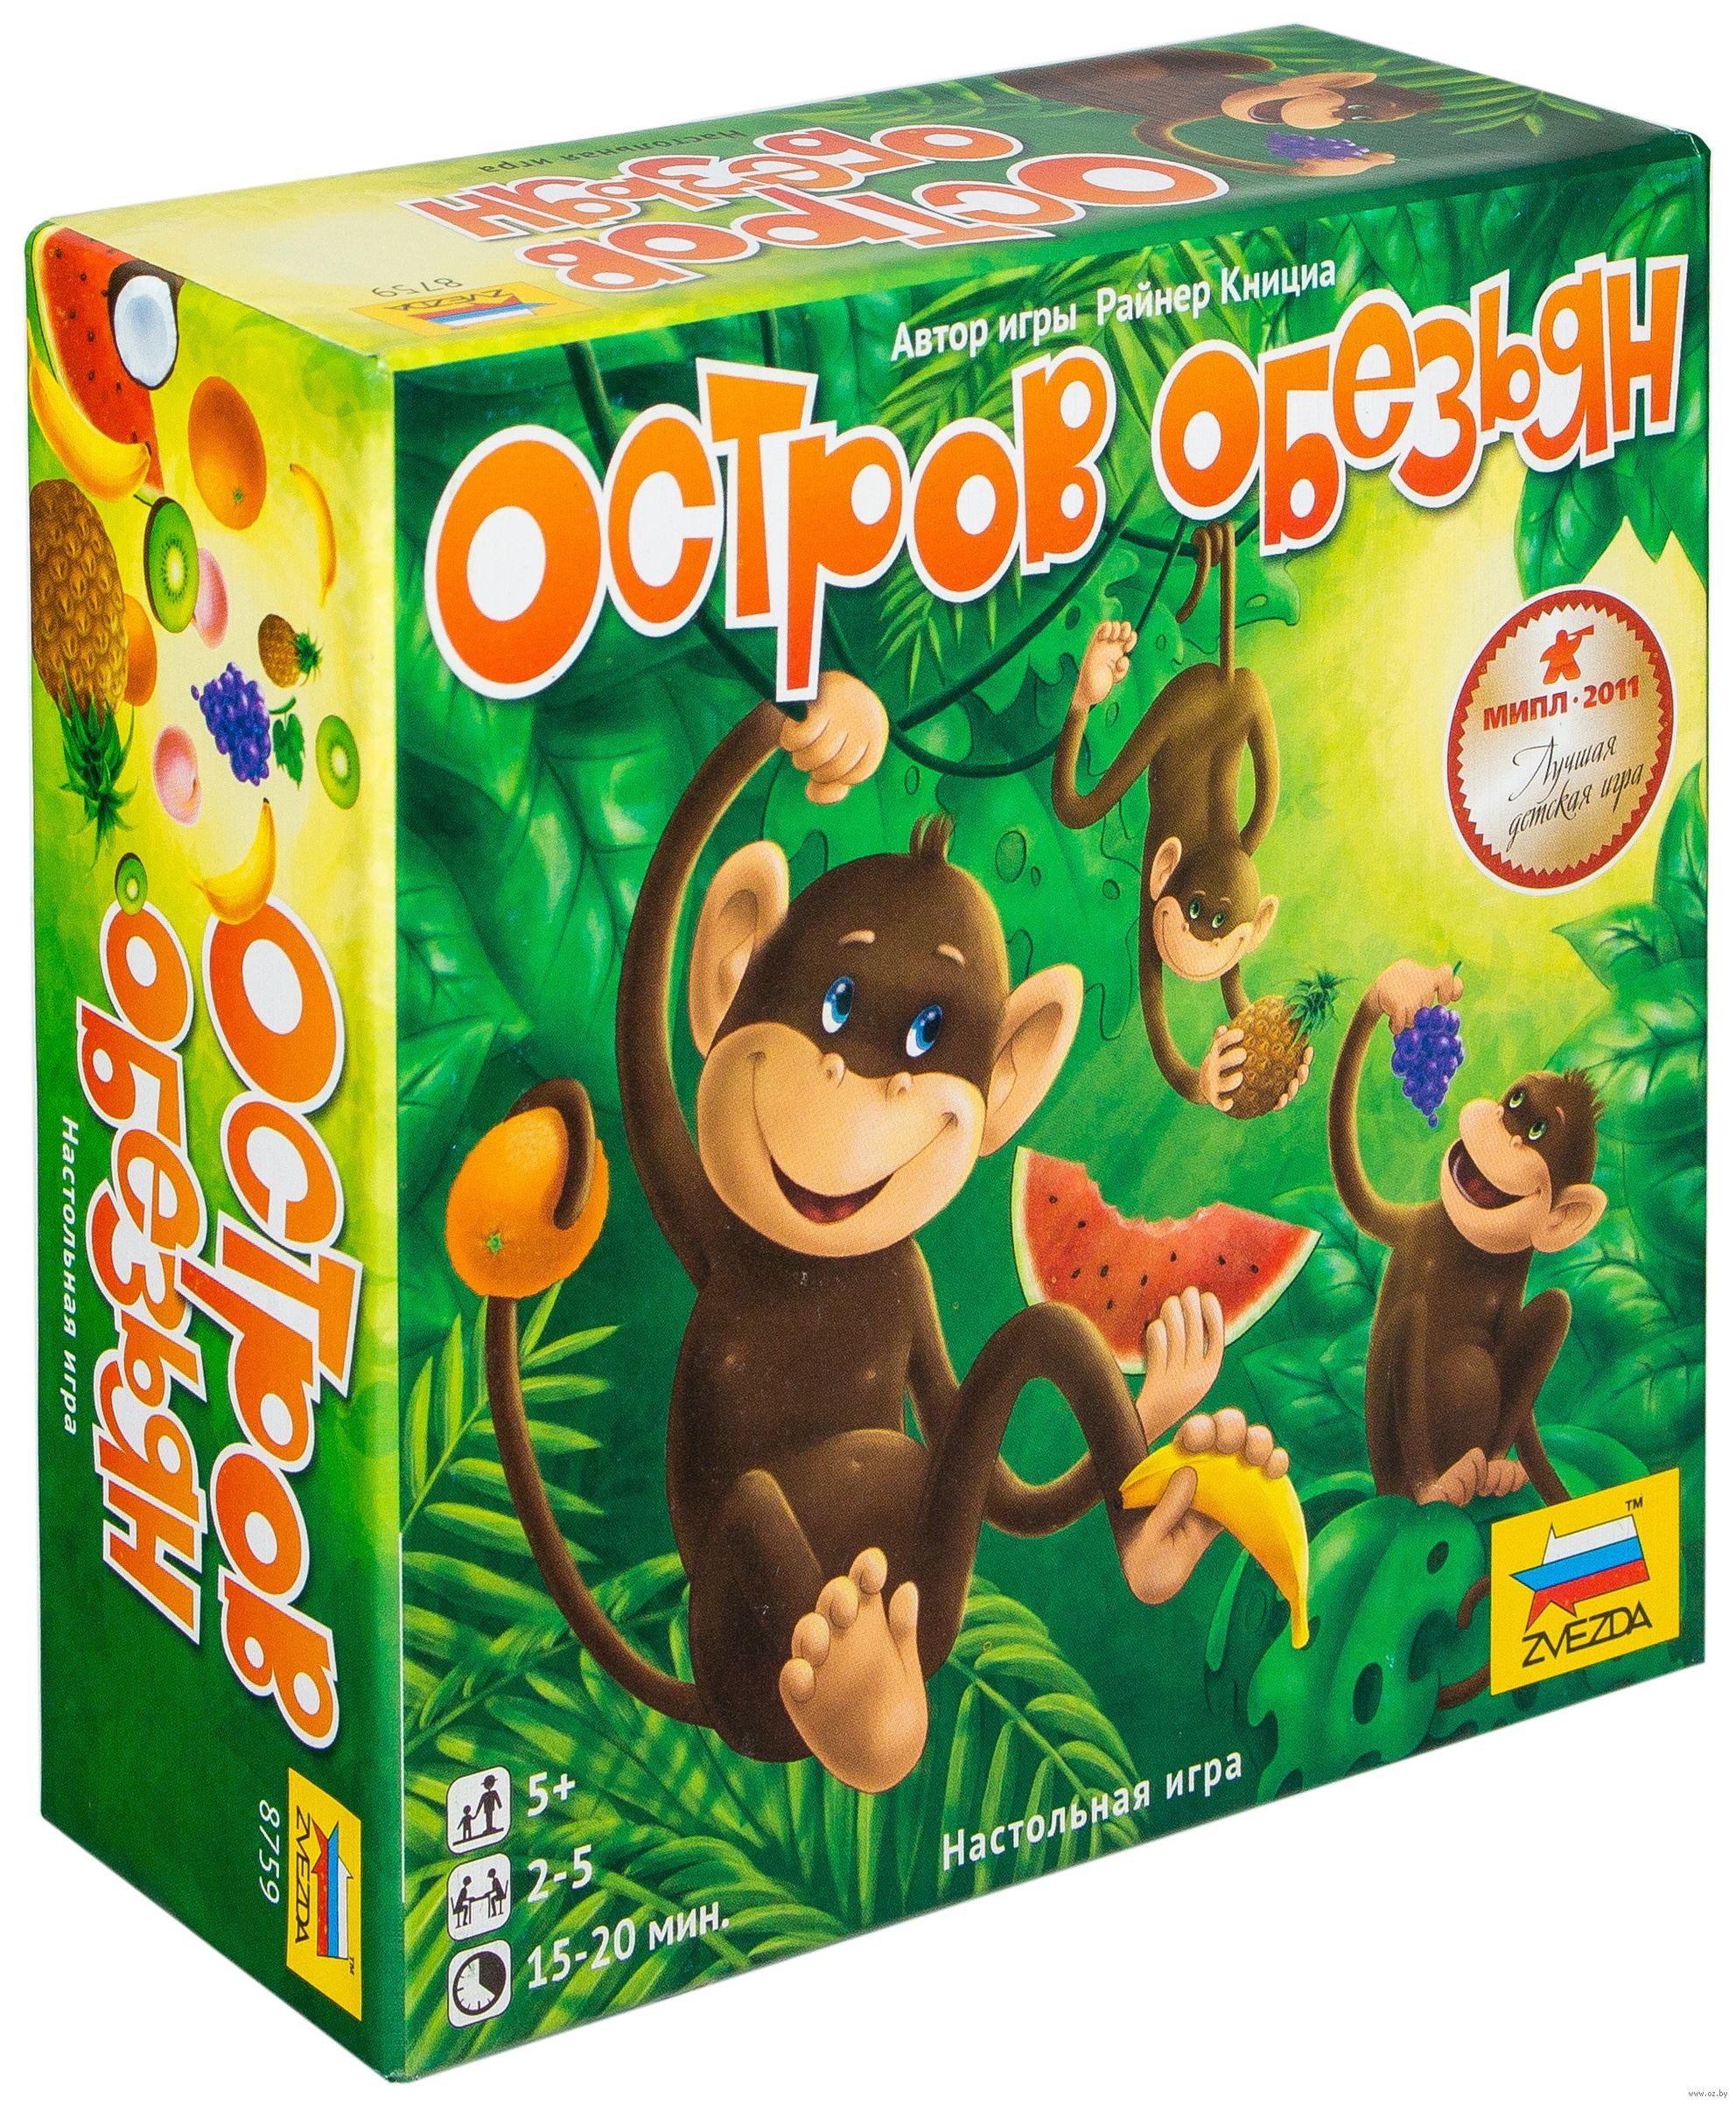 Игровые автоматы обезьянки 5000 кредитов